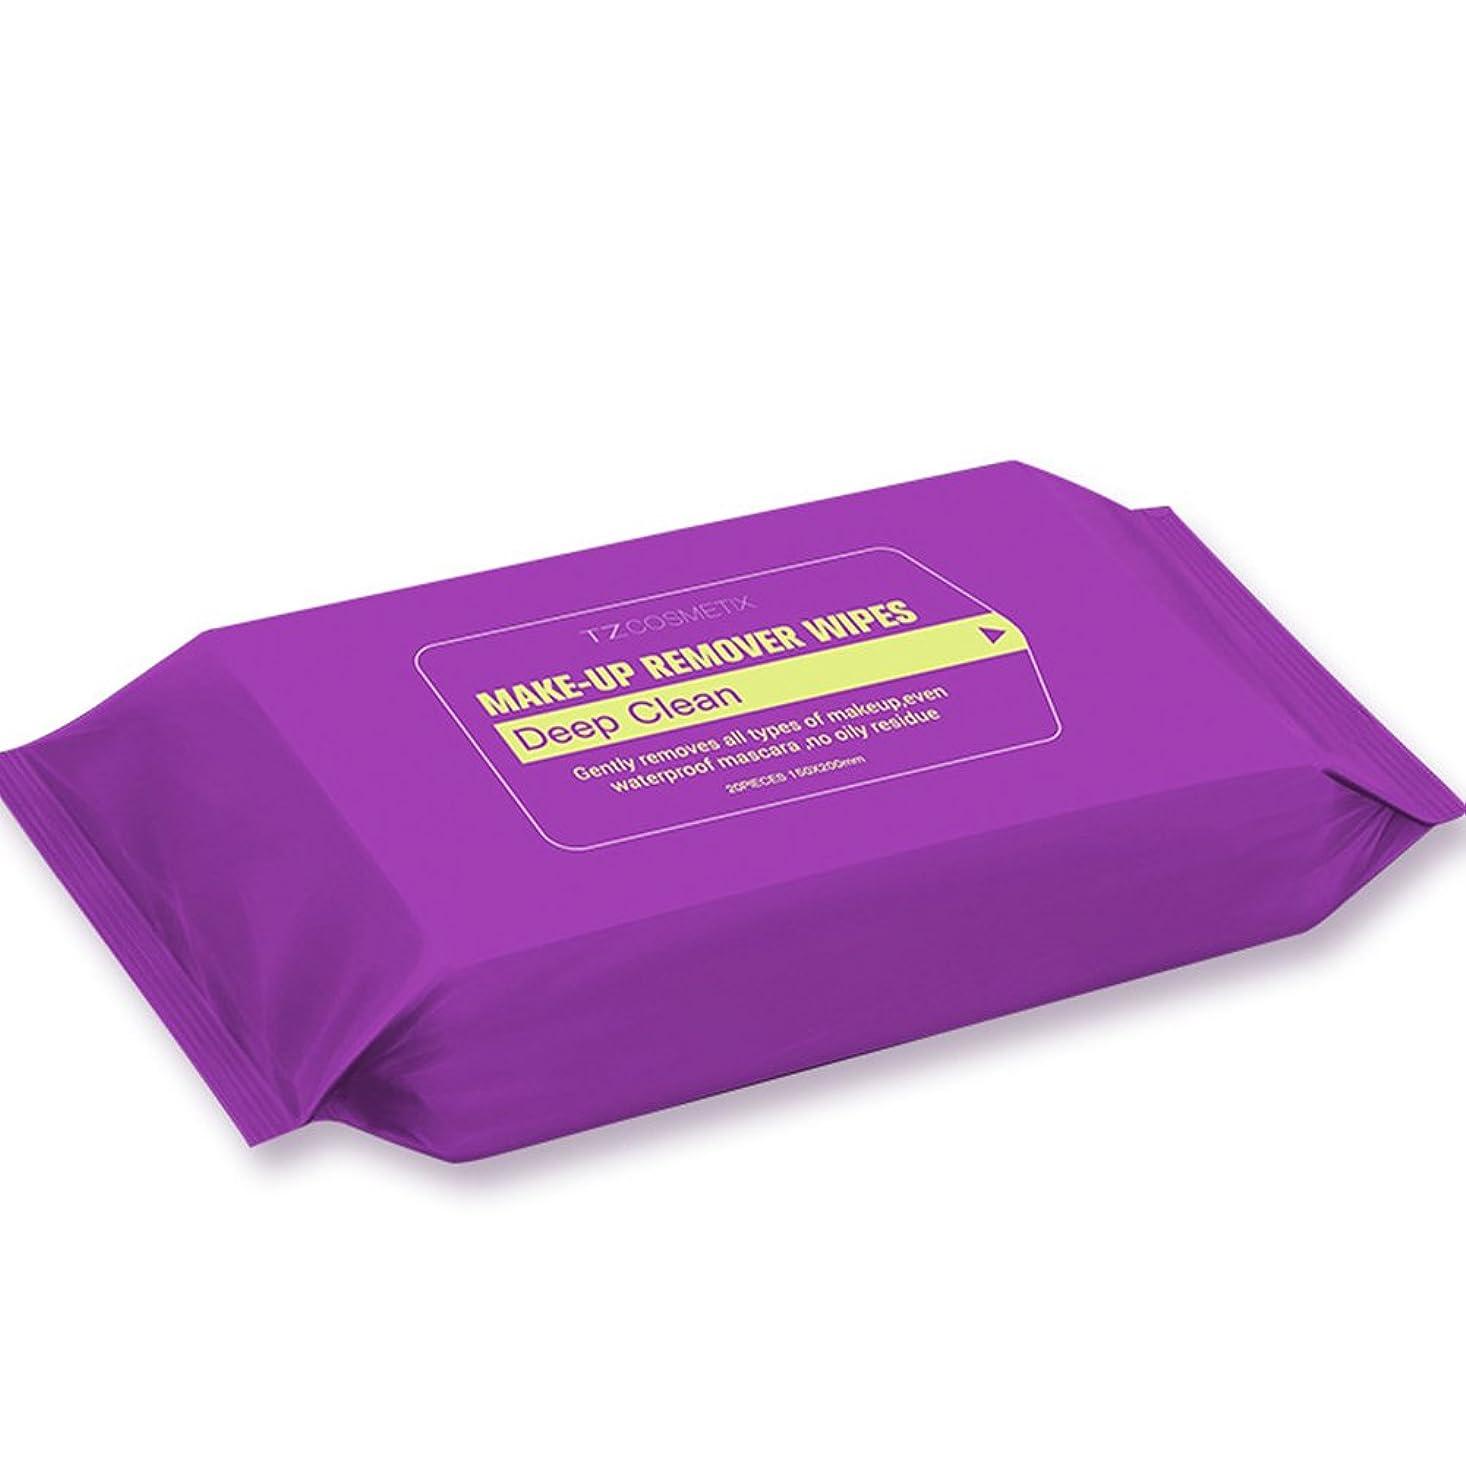 群衆普及過度にLiebeye ポータブル メイク リムーバー クレンジング タートルレット 使い捨て 不織メイクアップクレンジング タートル 20個/ポケット